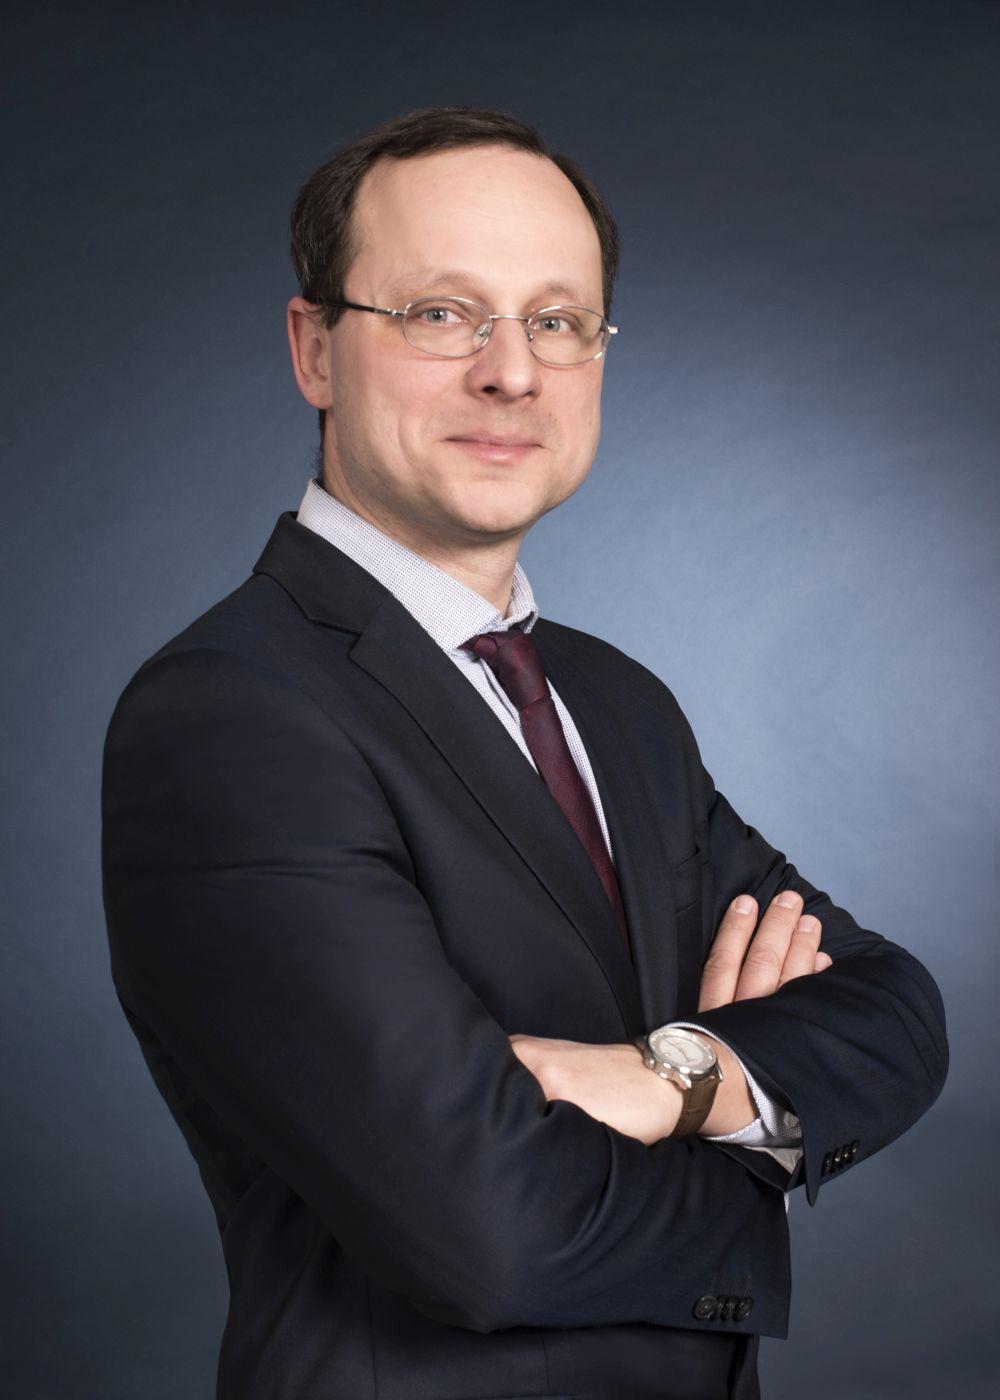 Biuro rachunkowe Katowice, Bytom - Adam Nieradzik